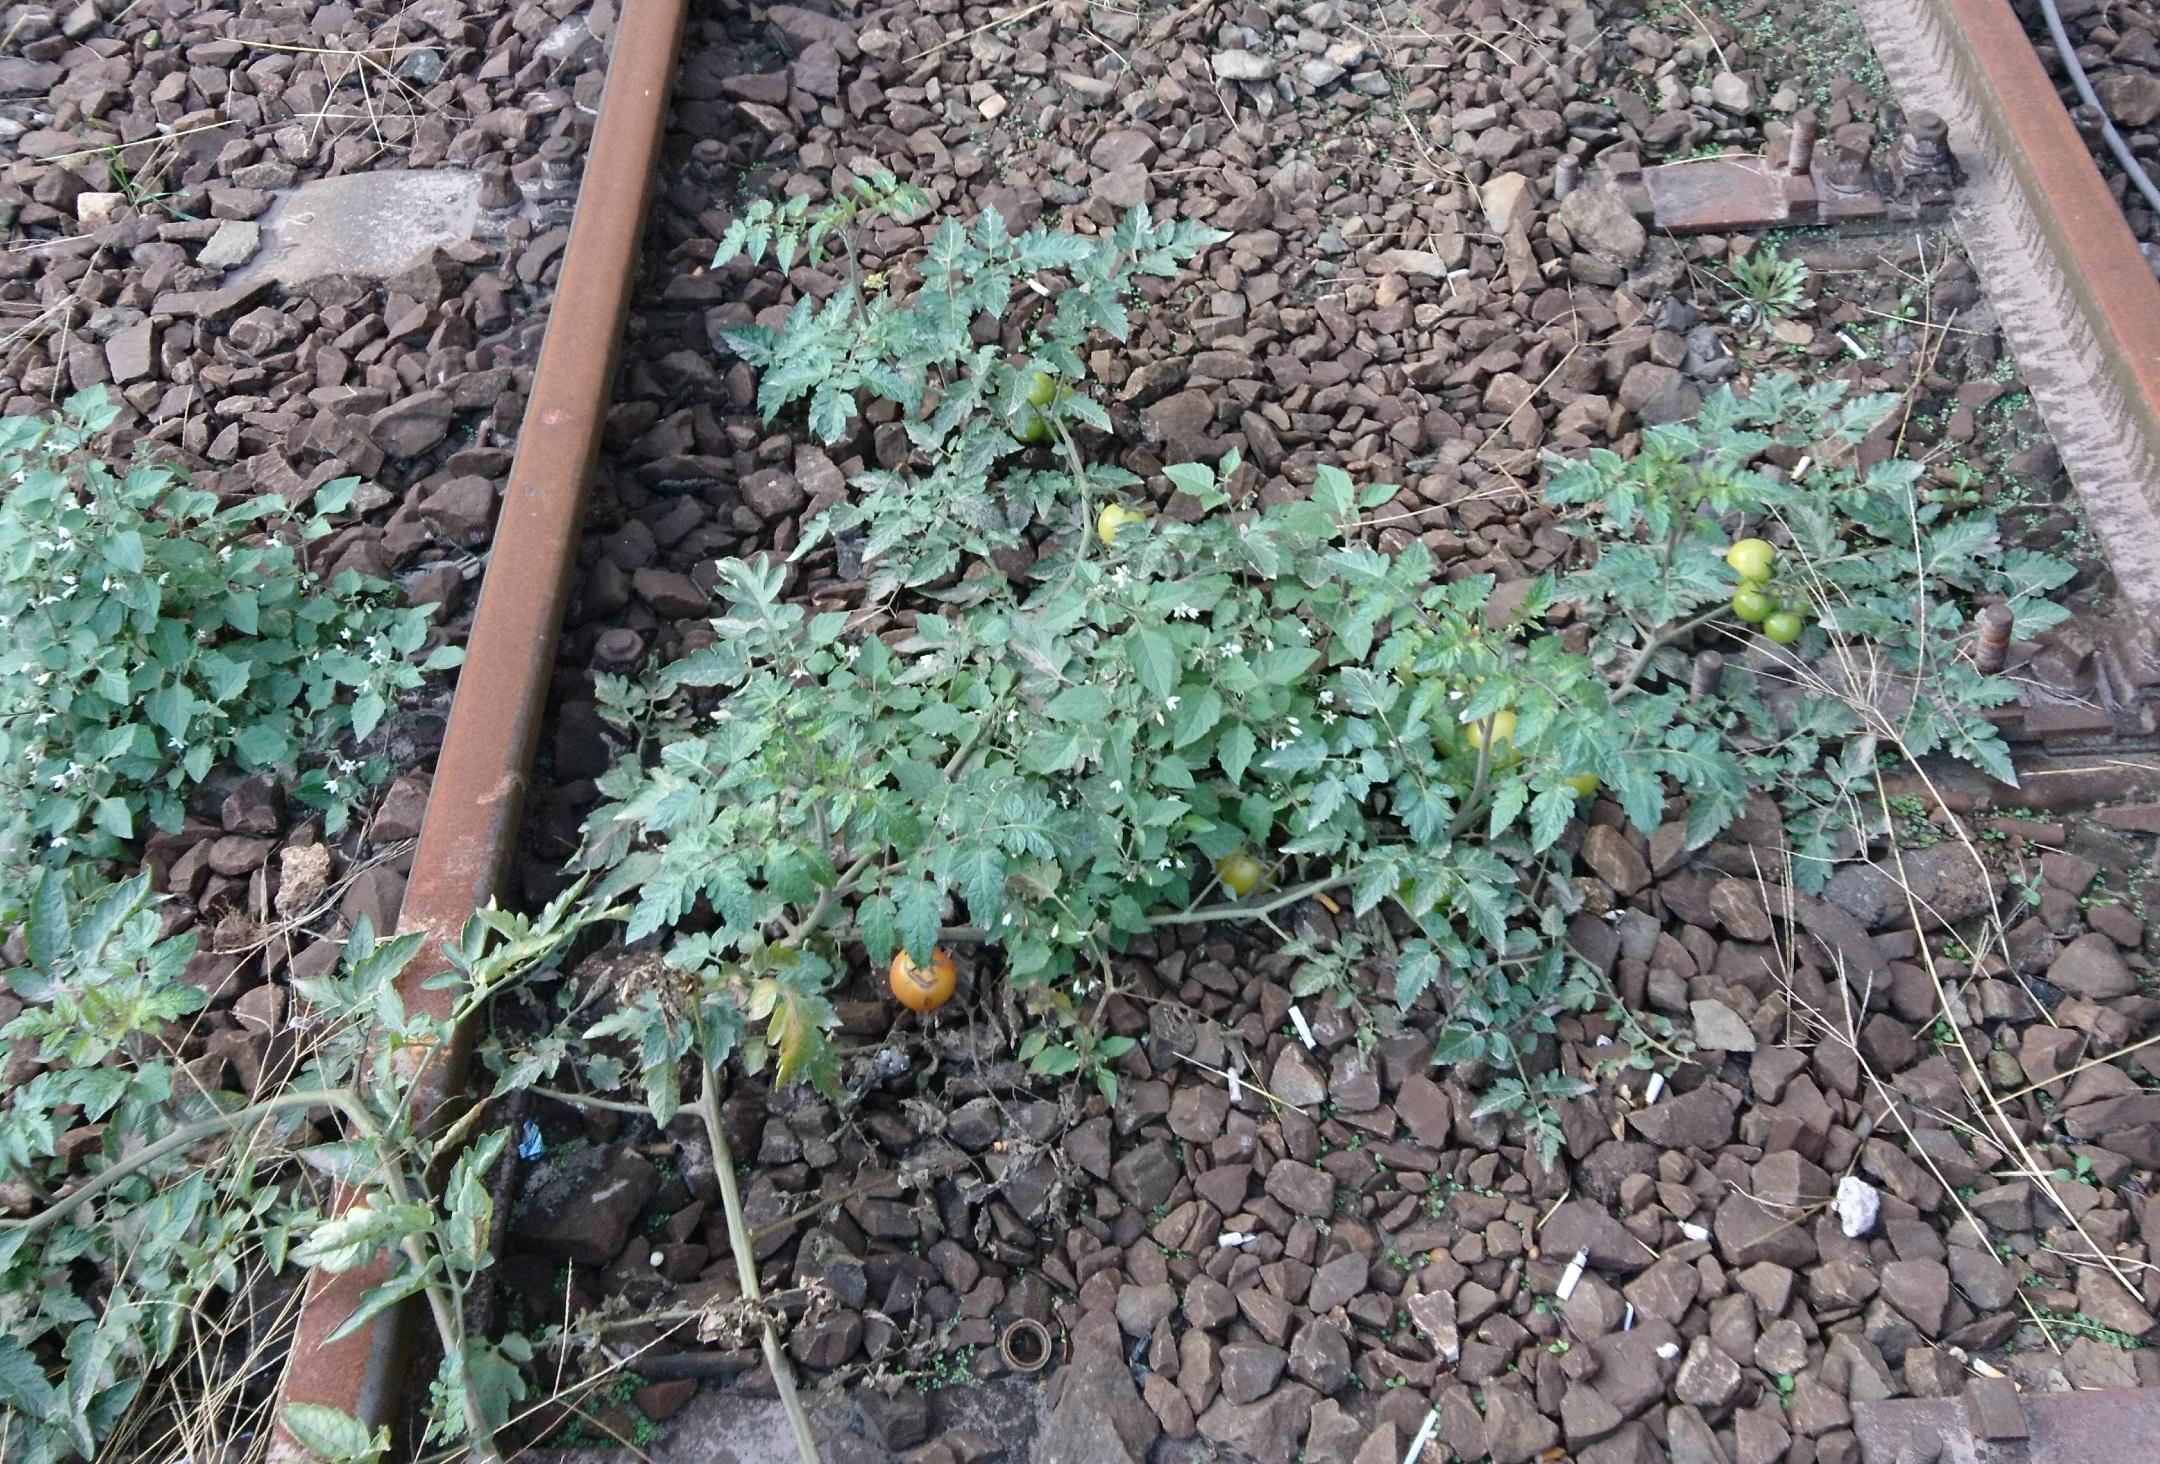 November közepén is szépen érik a paradicsom a Nyugati pályaudvar sínei között